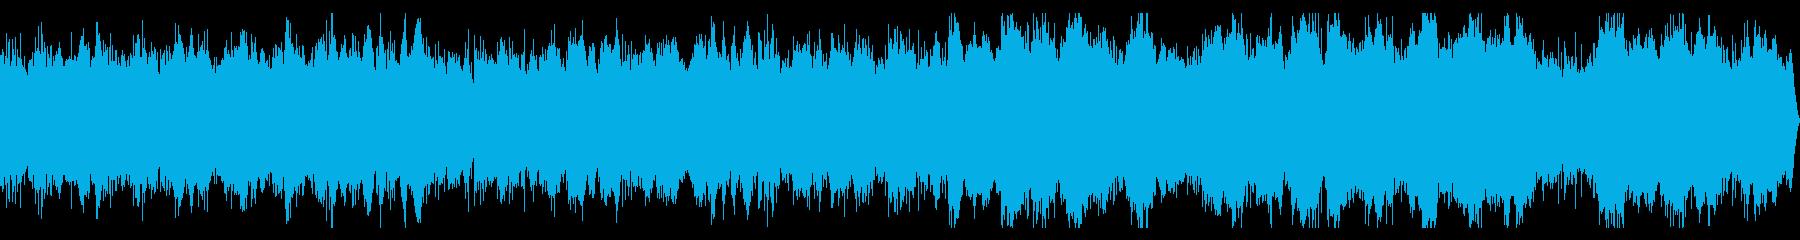 アルペジオが特徴的なアンビエントの再生済みの波形